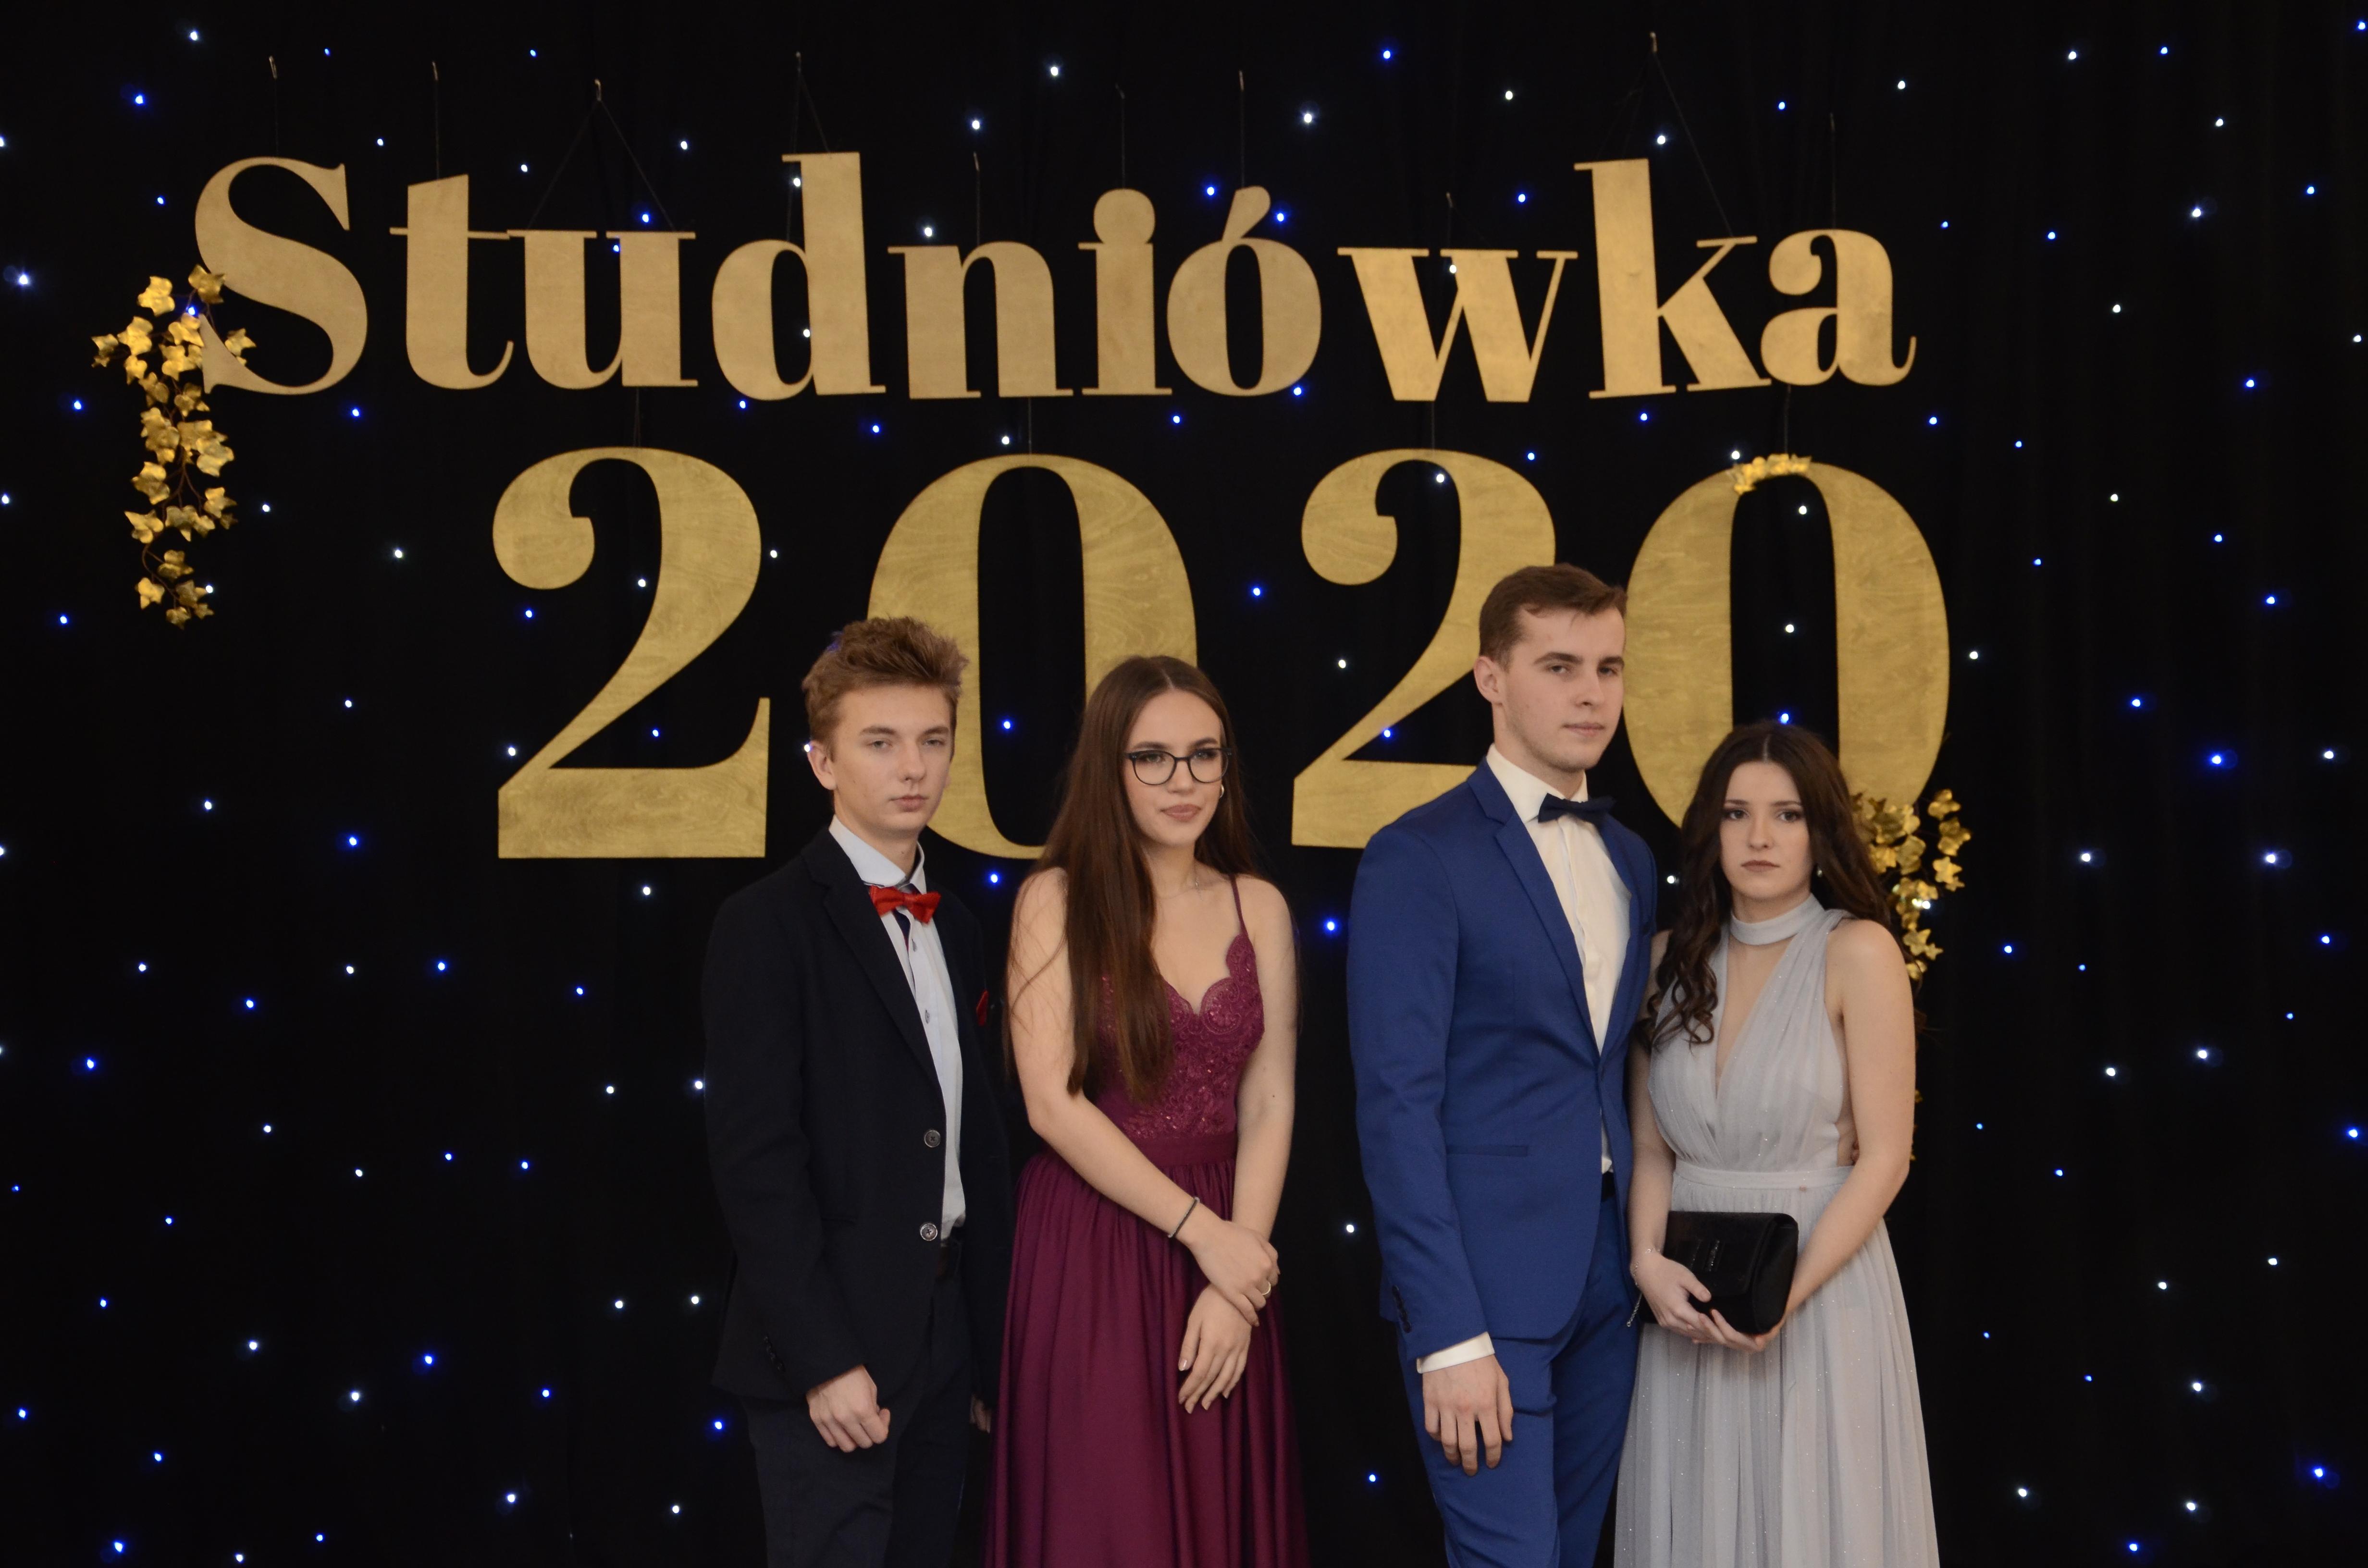 Studniówka Liceum Ogólnokształcącego w Kolbuszowej 2020. Zobacz zdjęcia.  - Zdjęcie główne